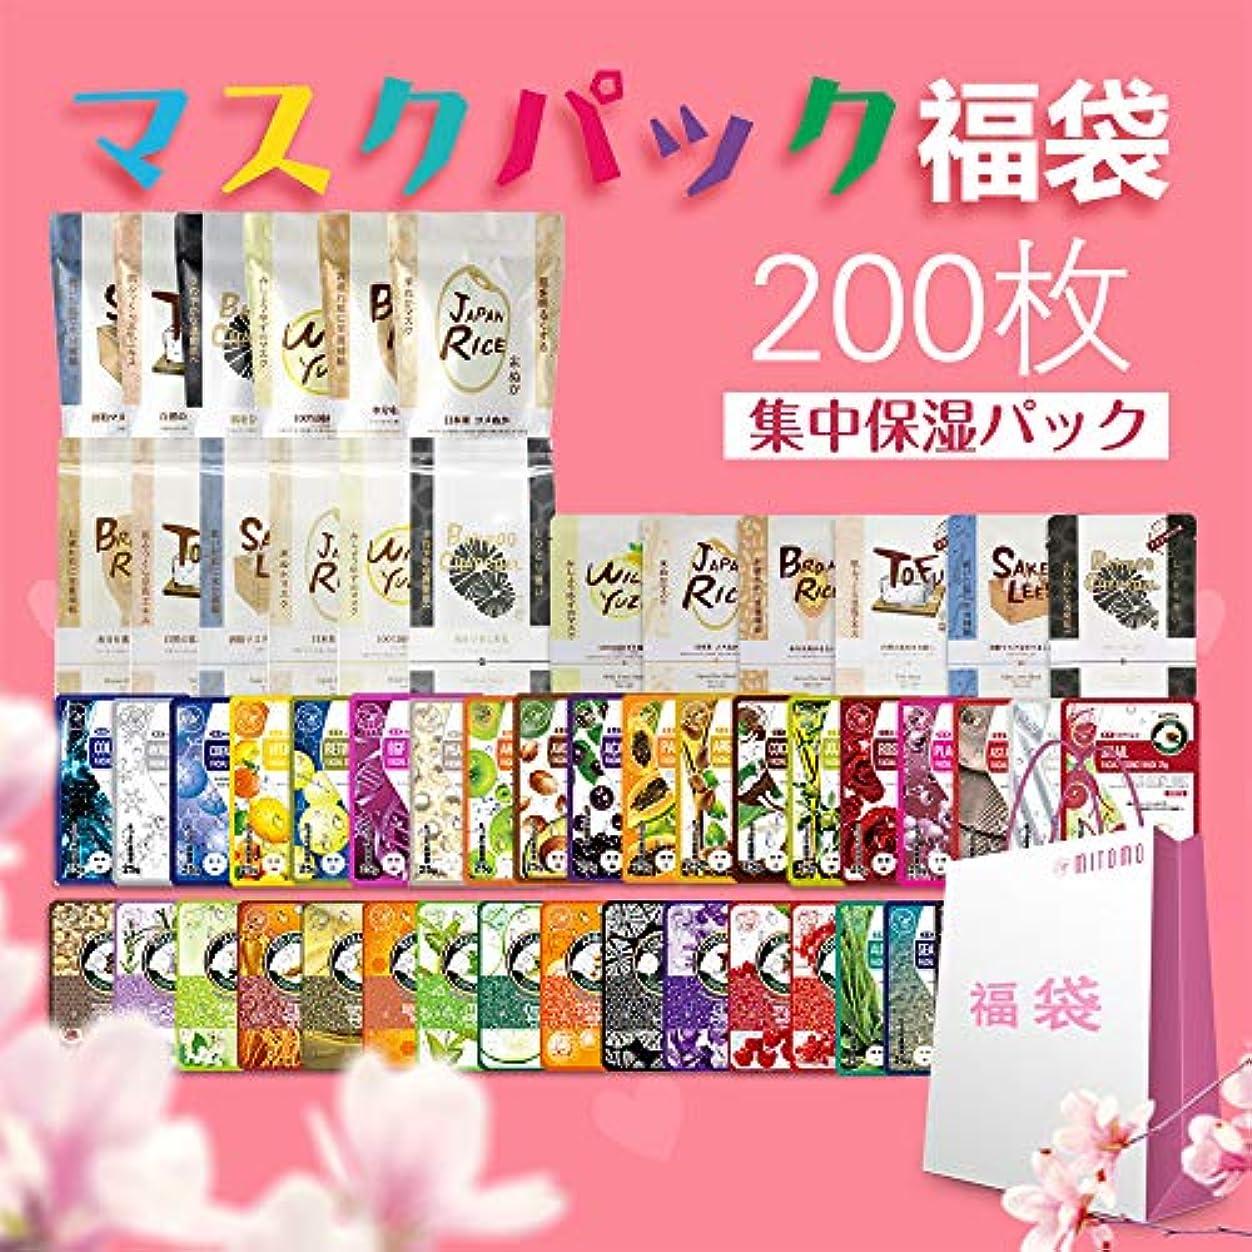 プレゼント宣言言う【SBPRKL0200】シートマスク/200枚/美容液/マスクパック/送料無料